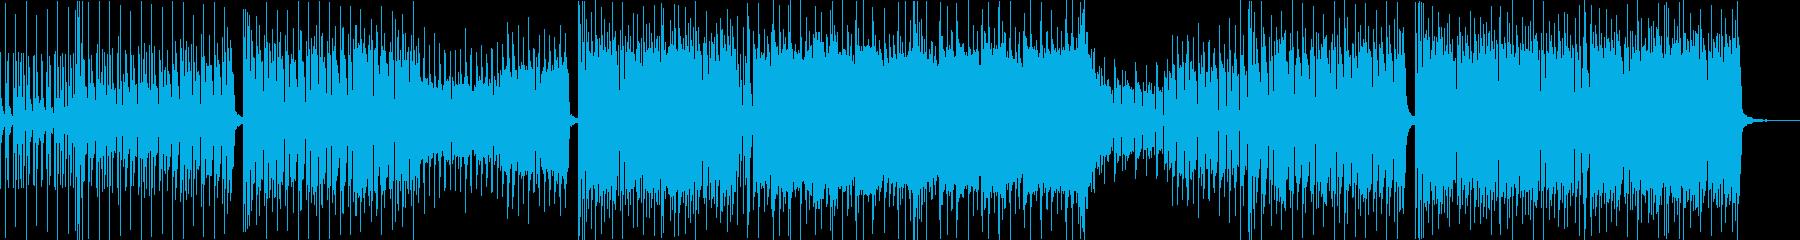 ポップでリズミカルなインディーロックの再生済みの波形